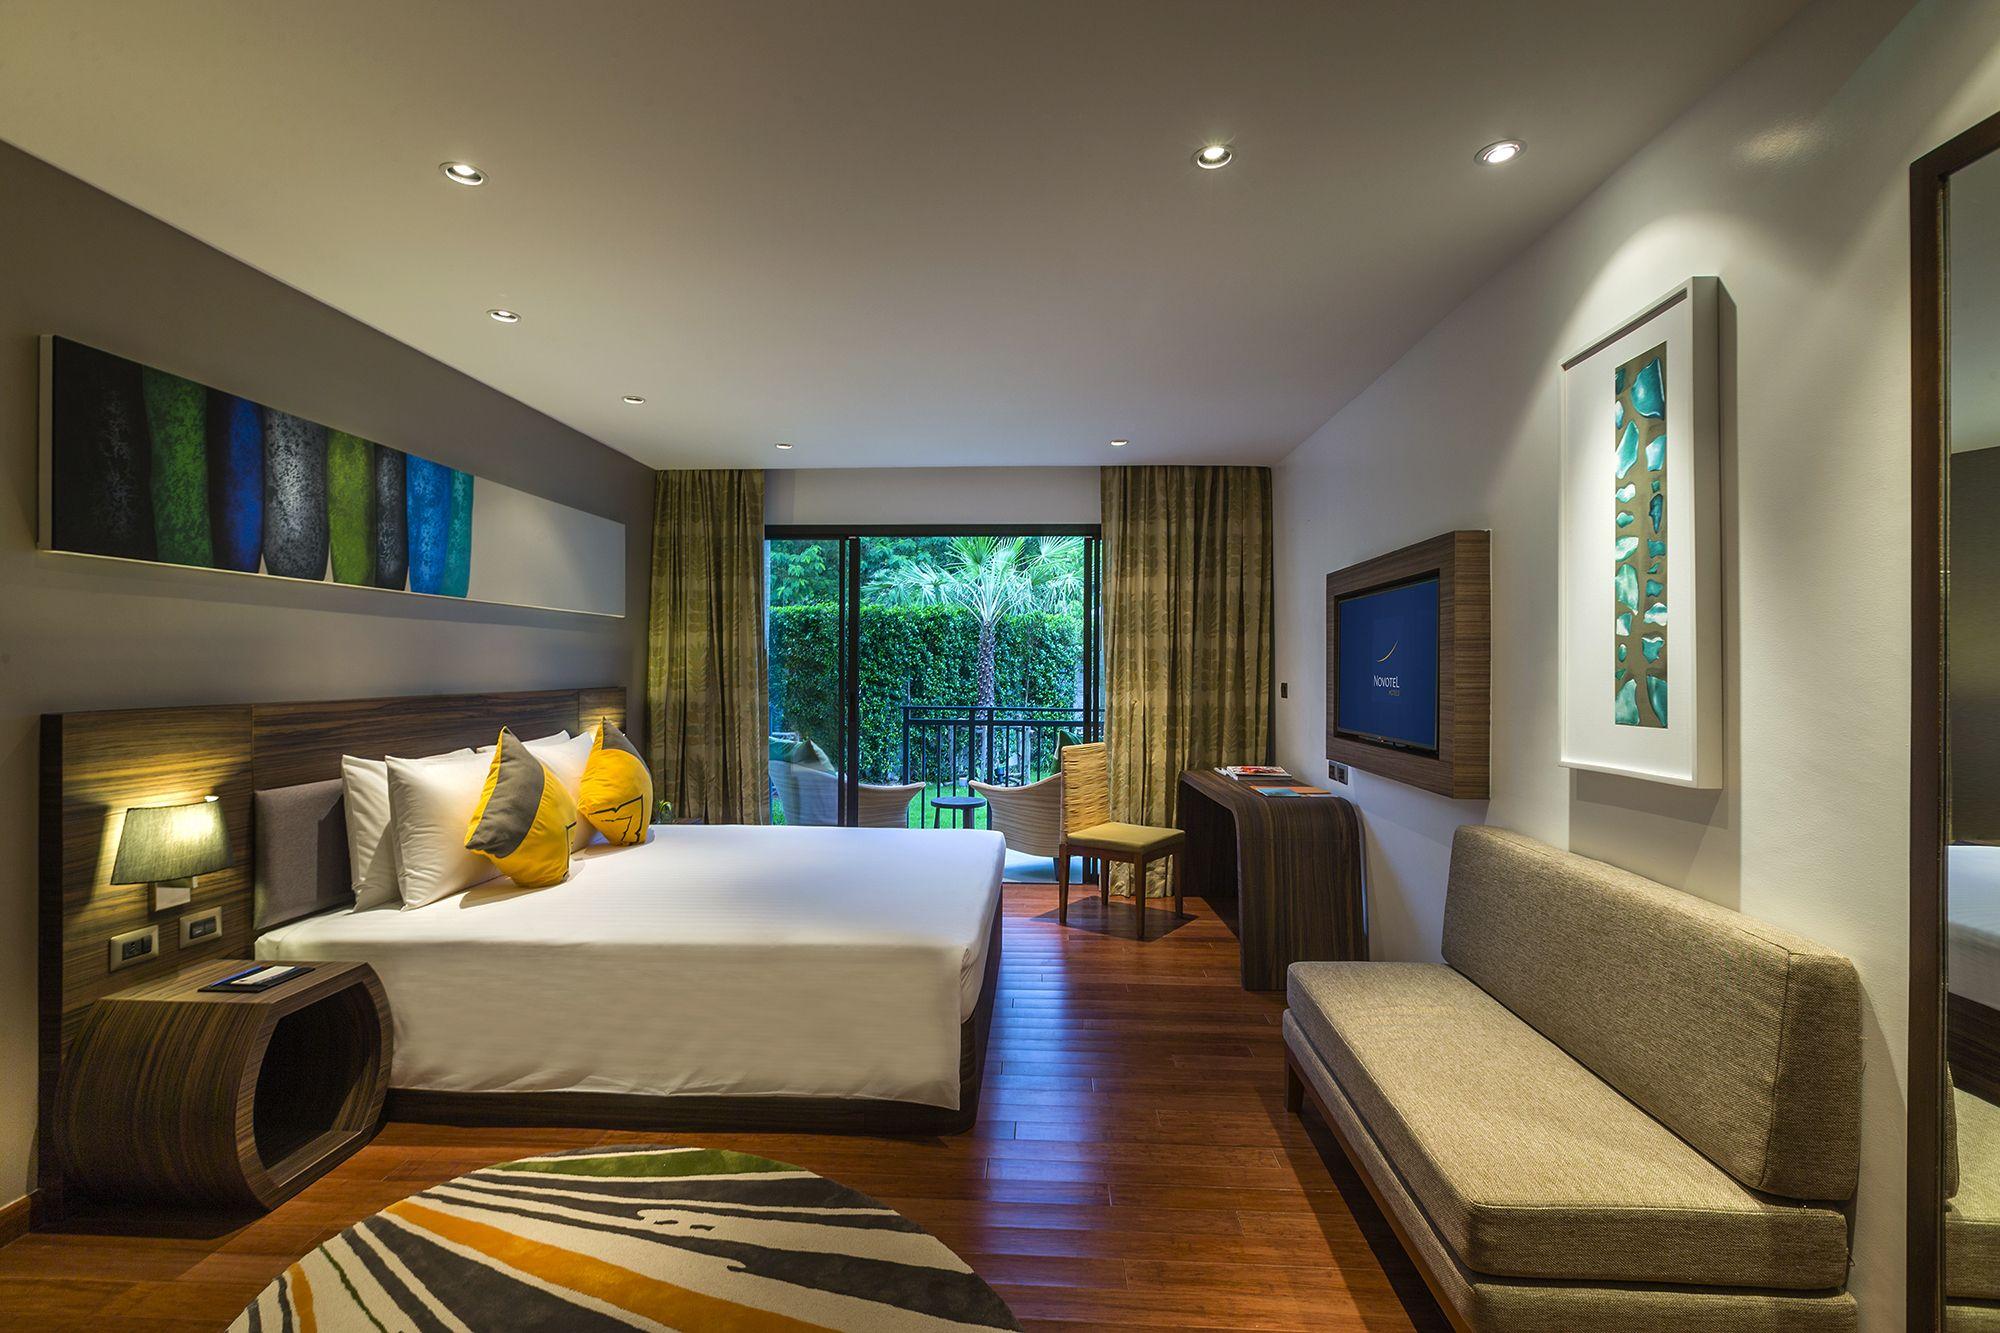 Novotel Karon Phuket I Am Professional Photographer For Interior Hotel Resort Base In Phuket Thailand Luxury Interior Hotel Interiors Interior Architecture